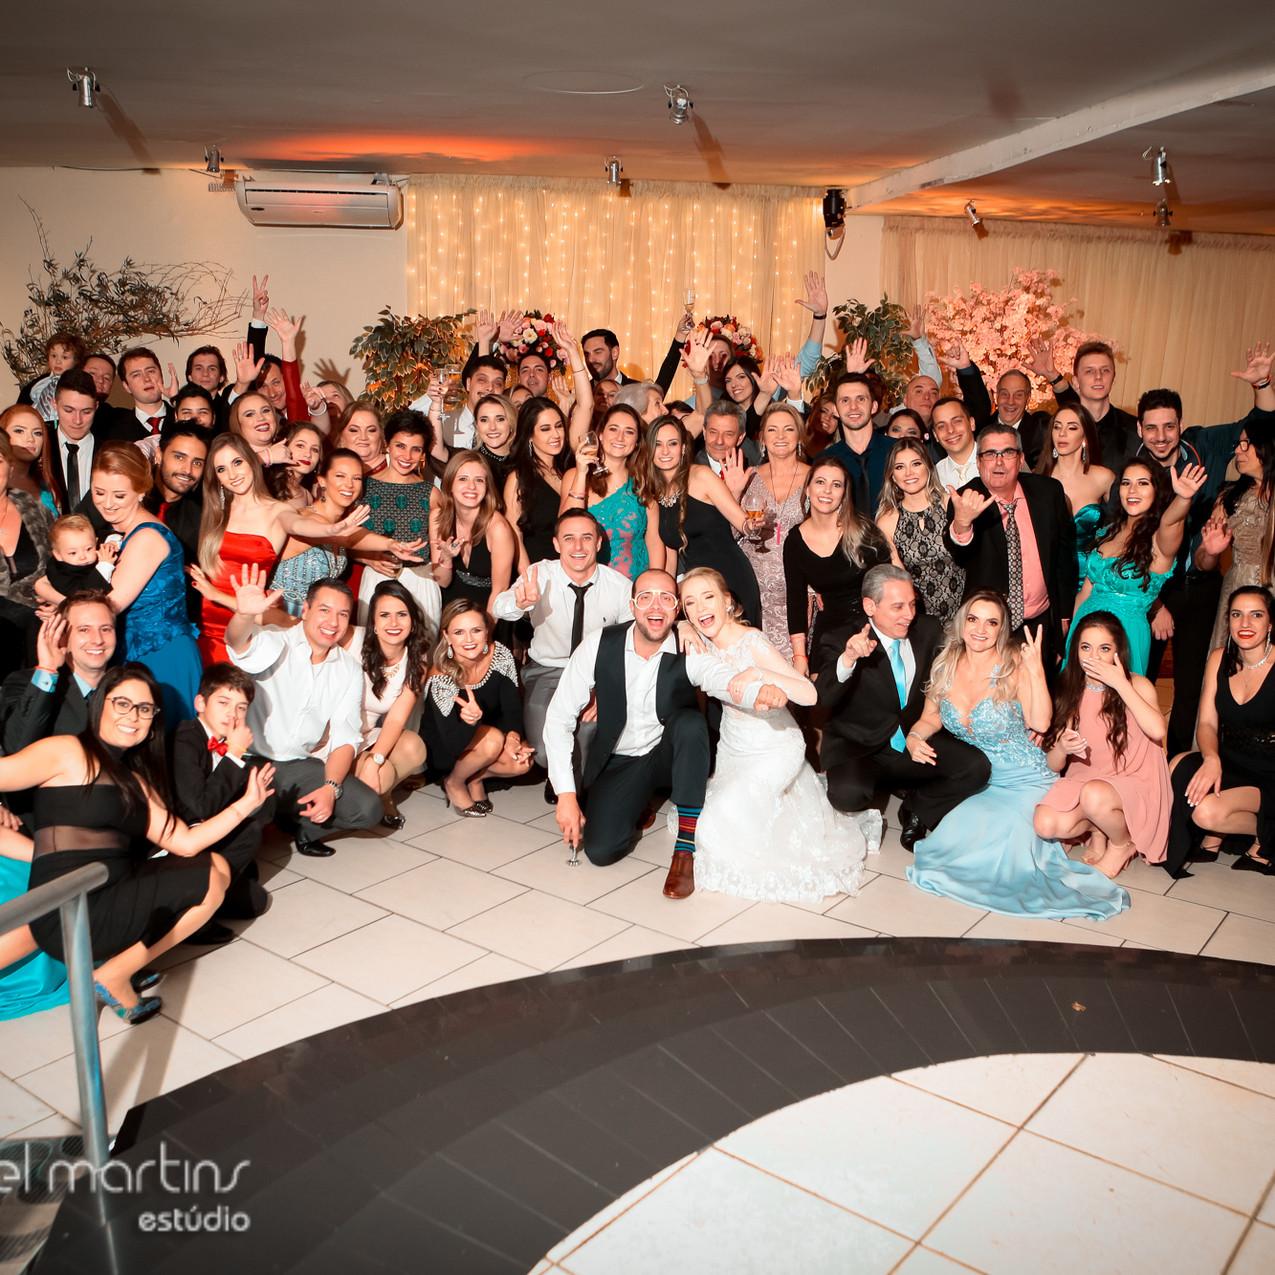 BeR-1553-fotografo-casamento-wedding-gotadagua-rustico-brunaeraul-boho-diy-portoalegre-daniel-martins